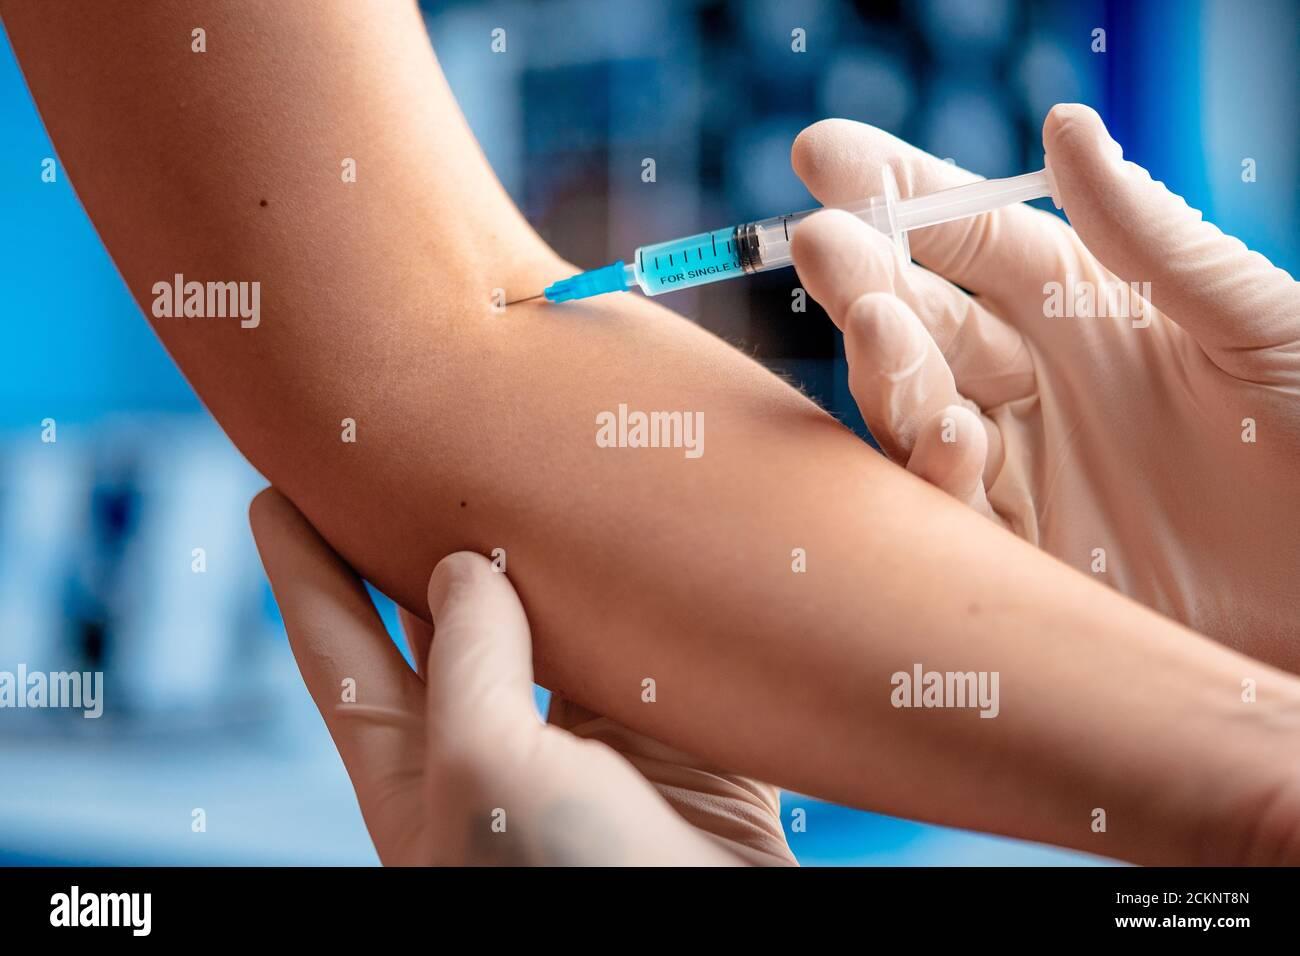 Médecin vaccins patient du SRAS Coronavirus, 2019-nCoV dans l'hôpital moderne. Essais de vaccins. Vaccination. Banque D'Images